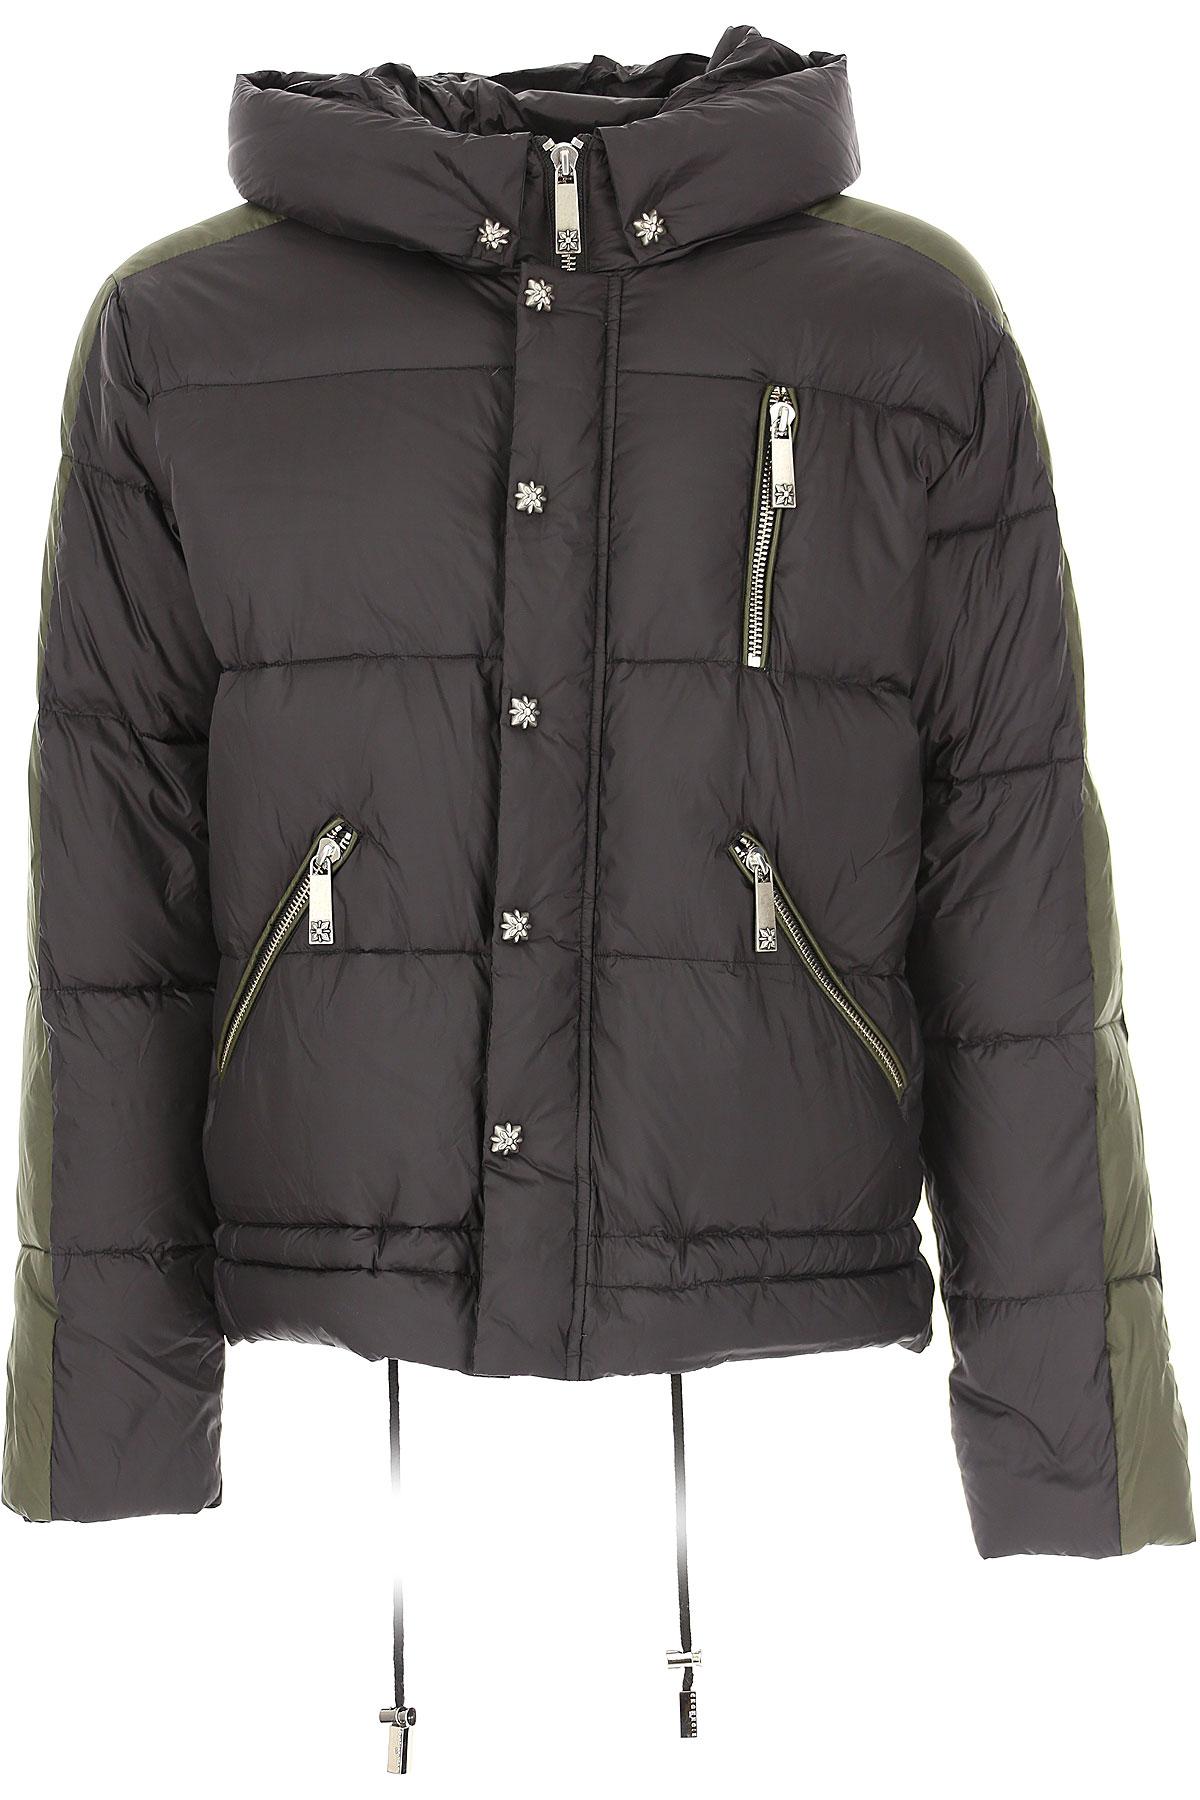 John Richmond Down Jacket for Men, Puffer Ski Jacket On Sale, Black, Down, 2019, L M S XL